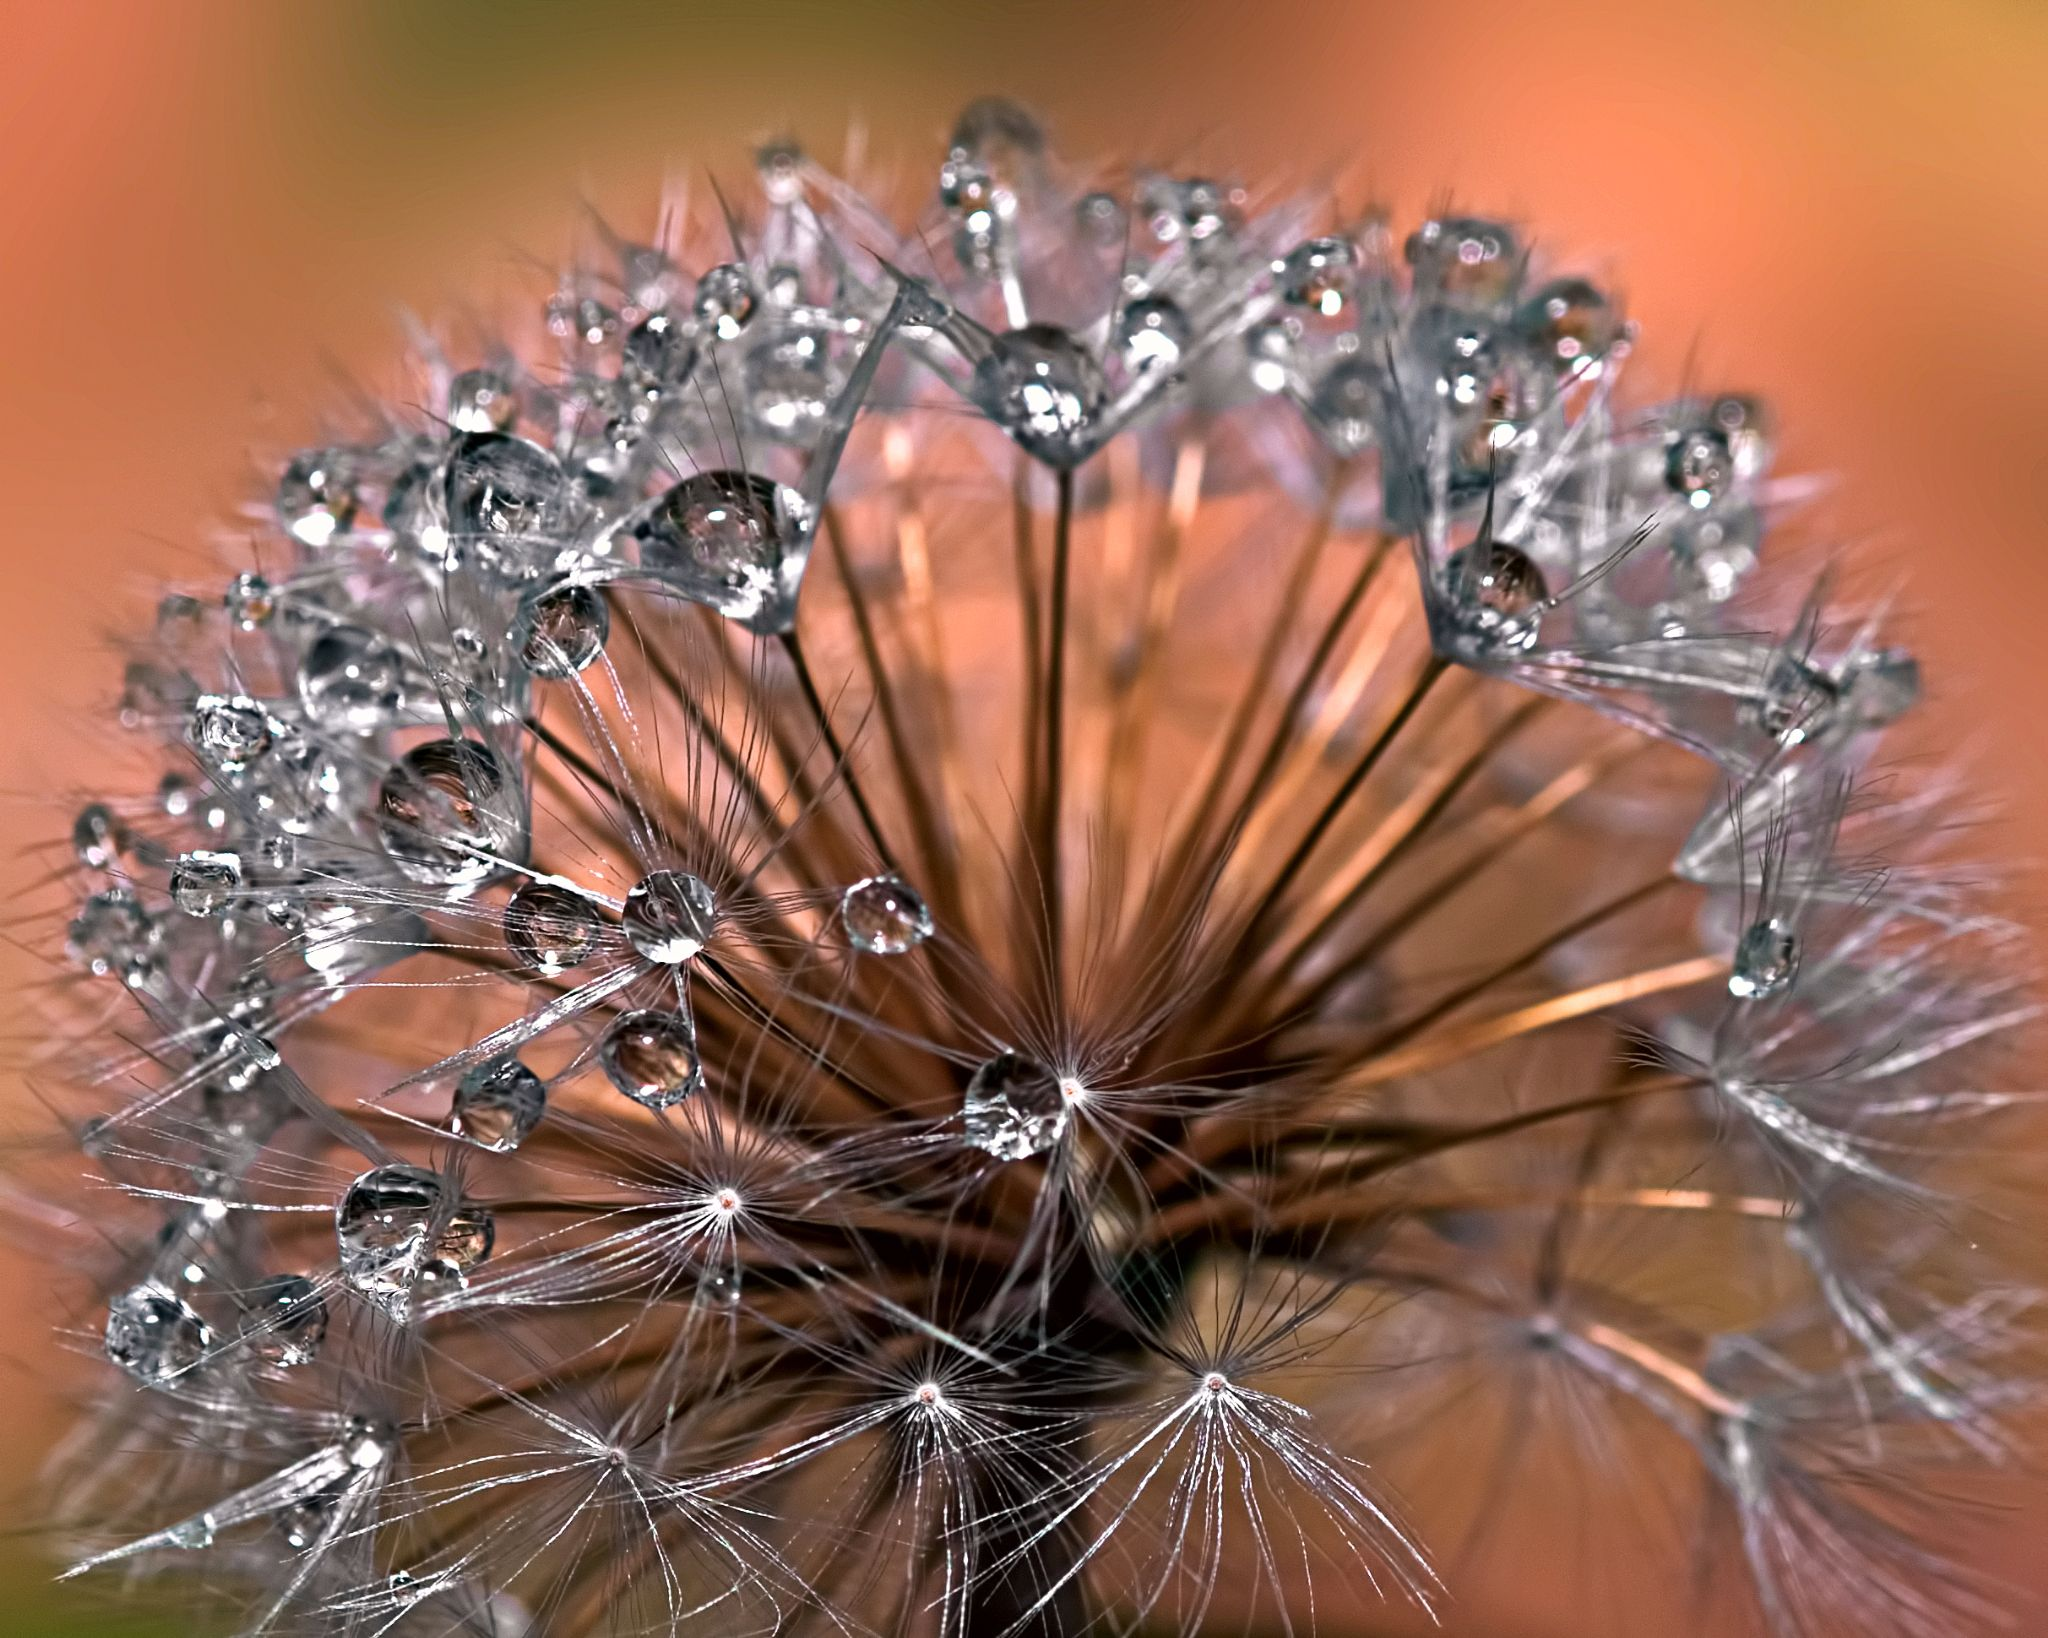 Droplets in suspension by Loscar